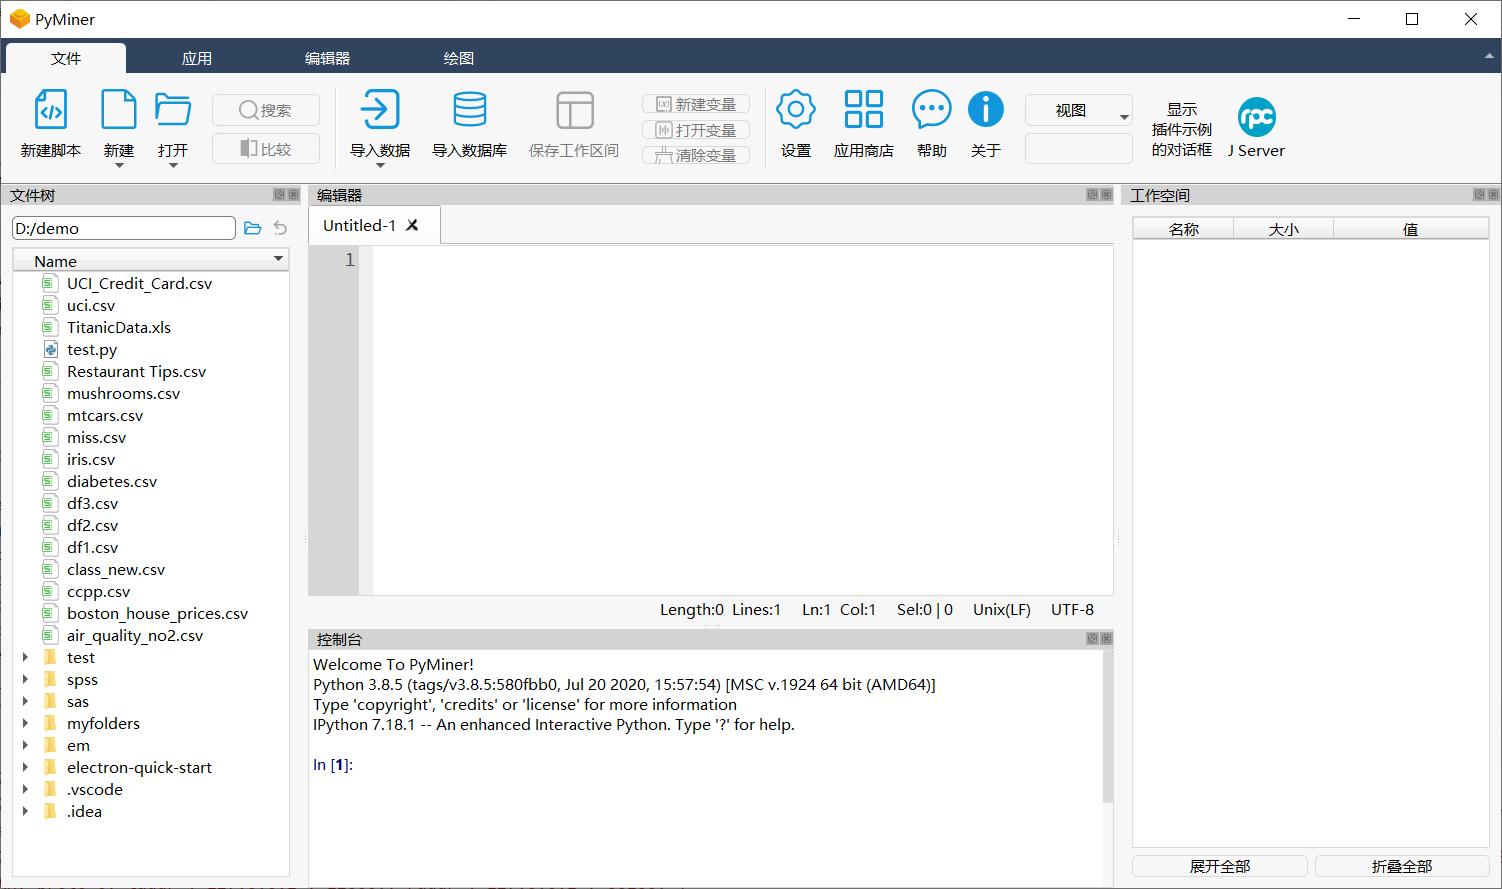 数据分析工具 PyMiner-py2cn